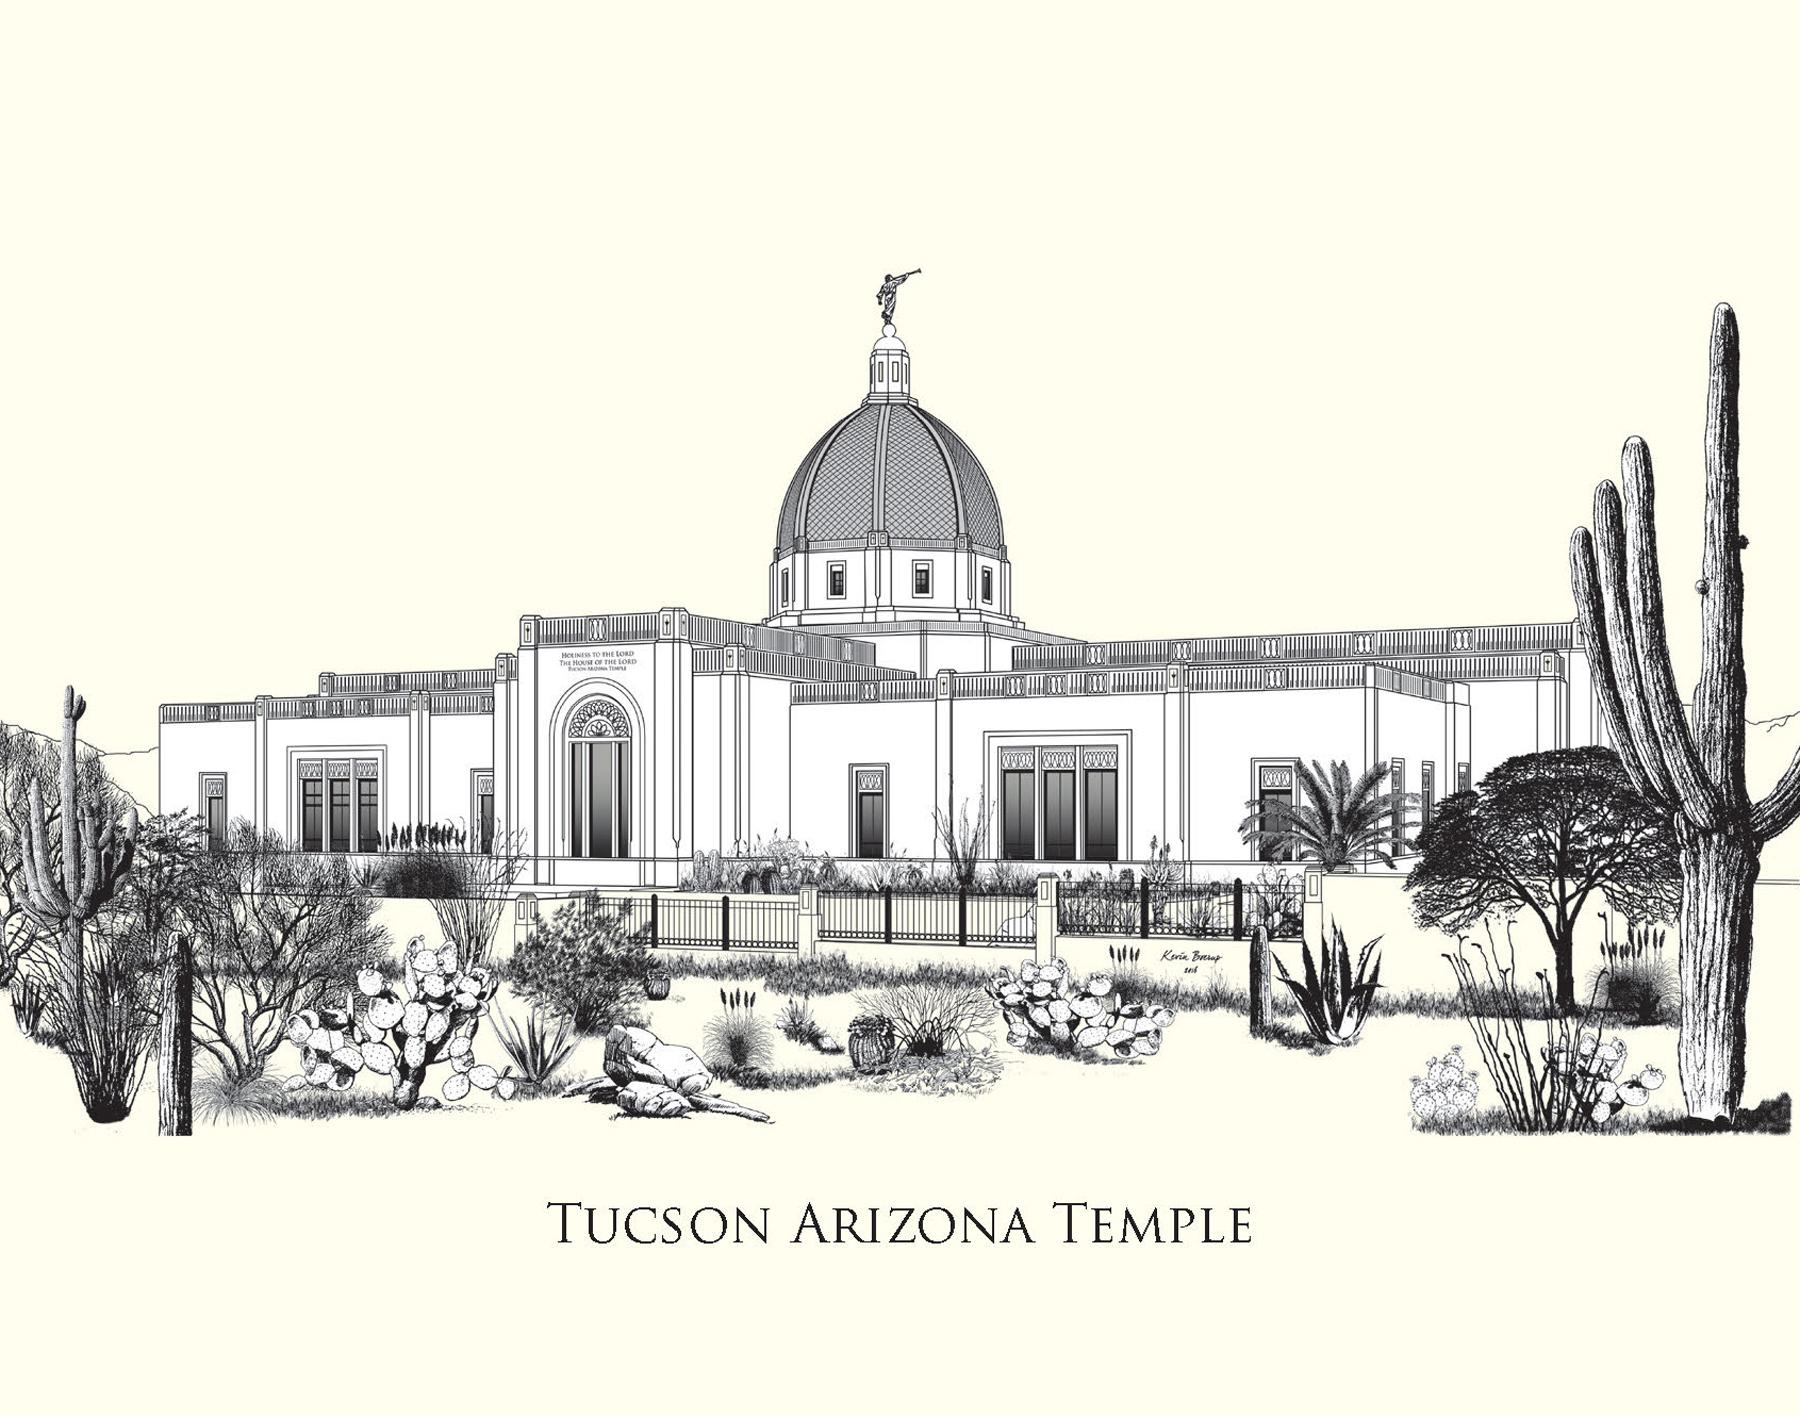 1800x1416 Tucson Temple, Temple Photos, Lds Temple, Mormon Temple, Kevin Boerup